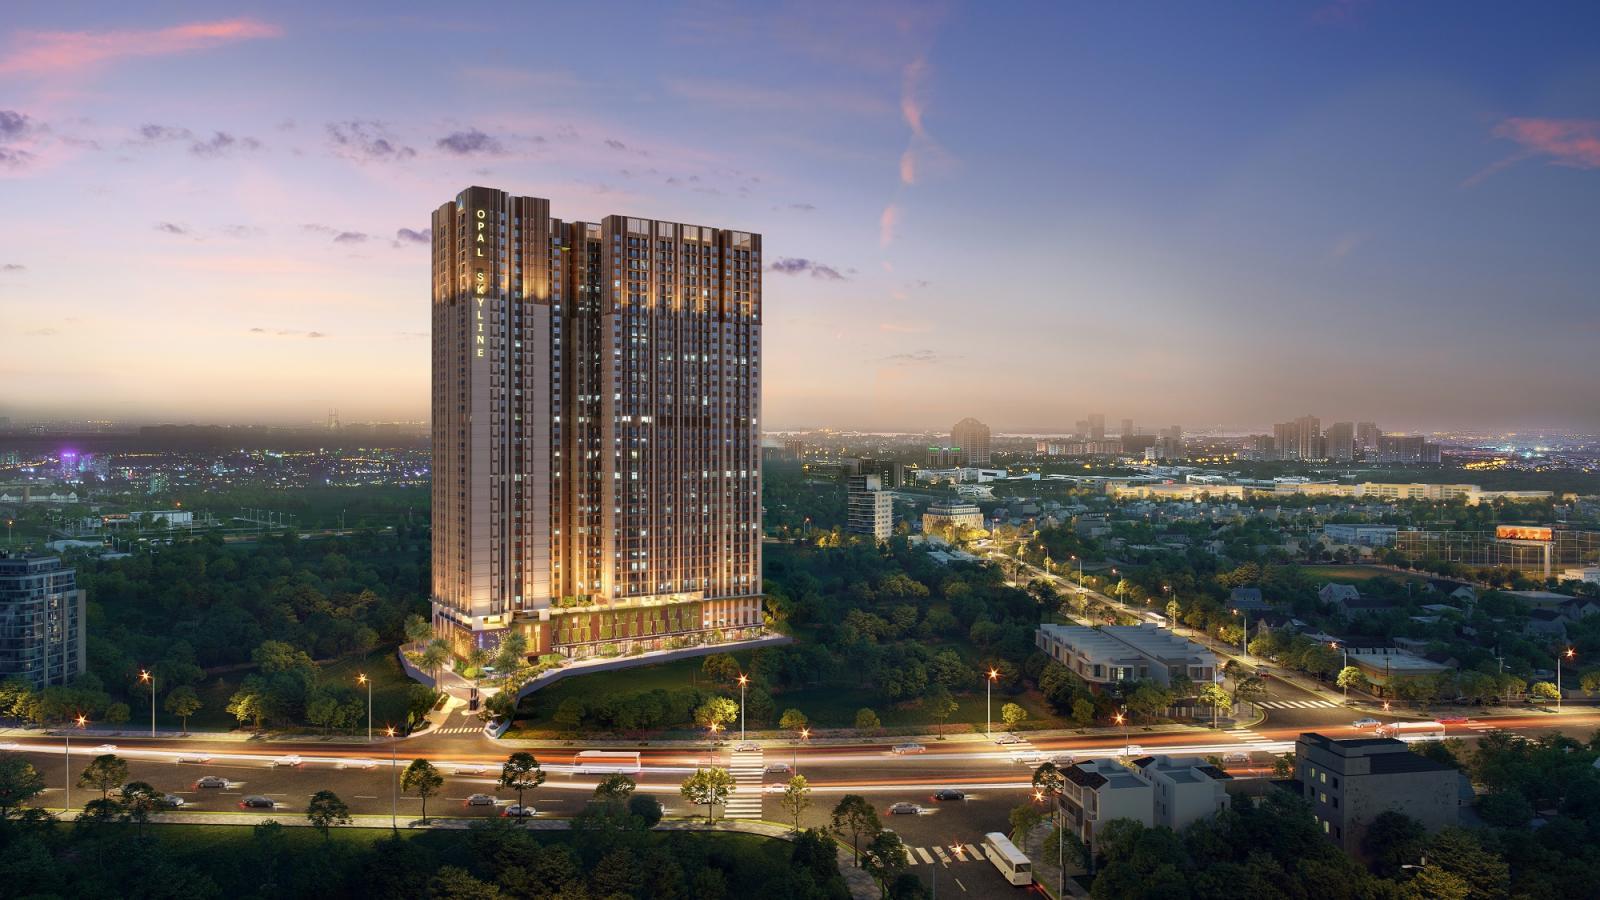 Dự án Khu căn hộ cao cấp Opal Skyline sở hữu vị trí độc tôn và tiện ích nội khu cao cấp